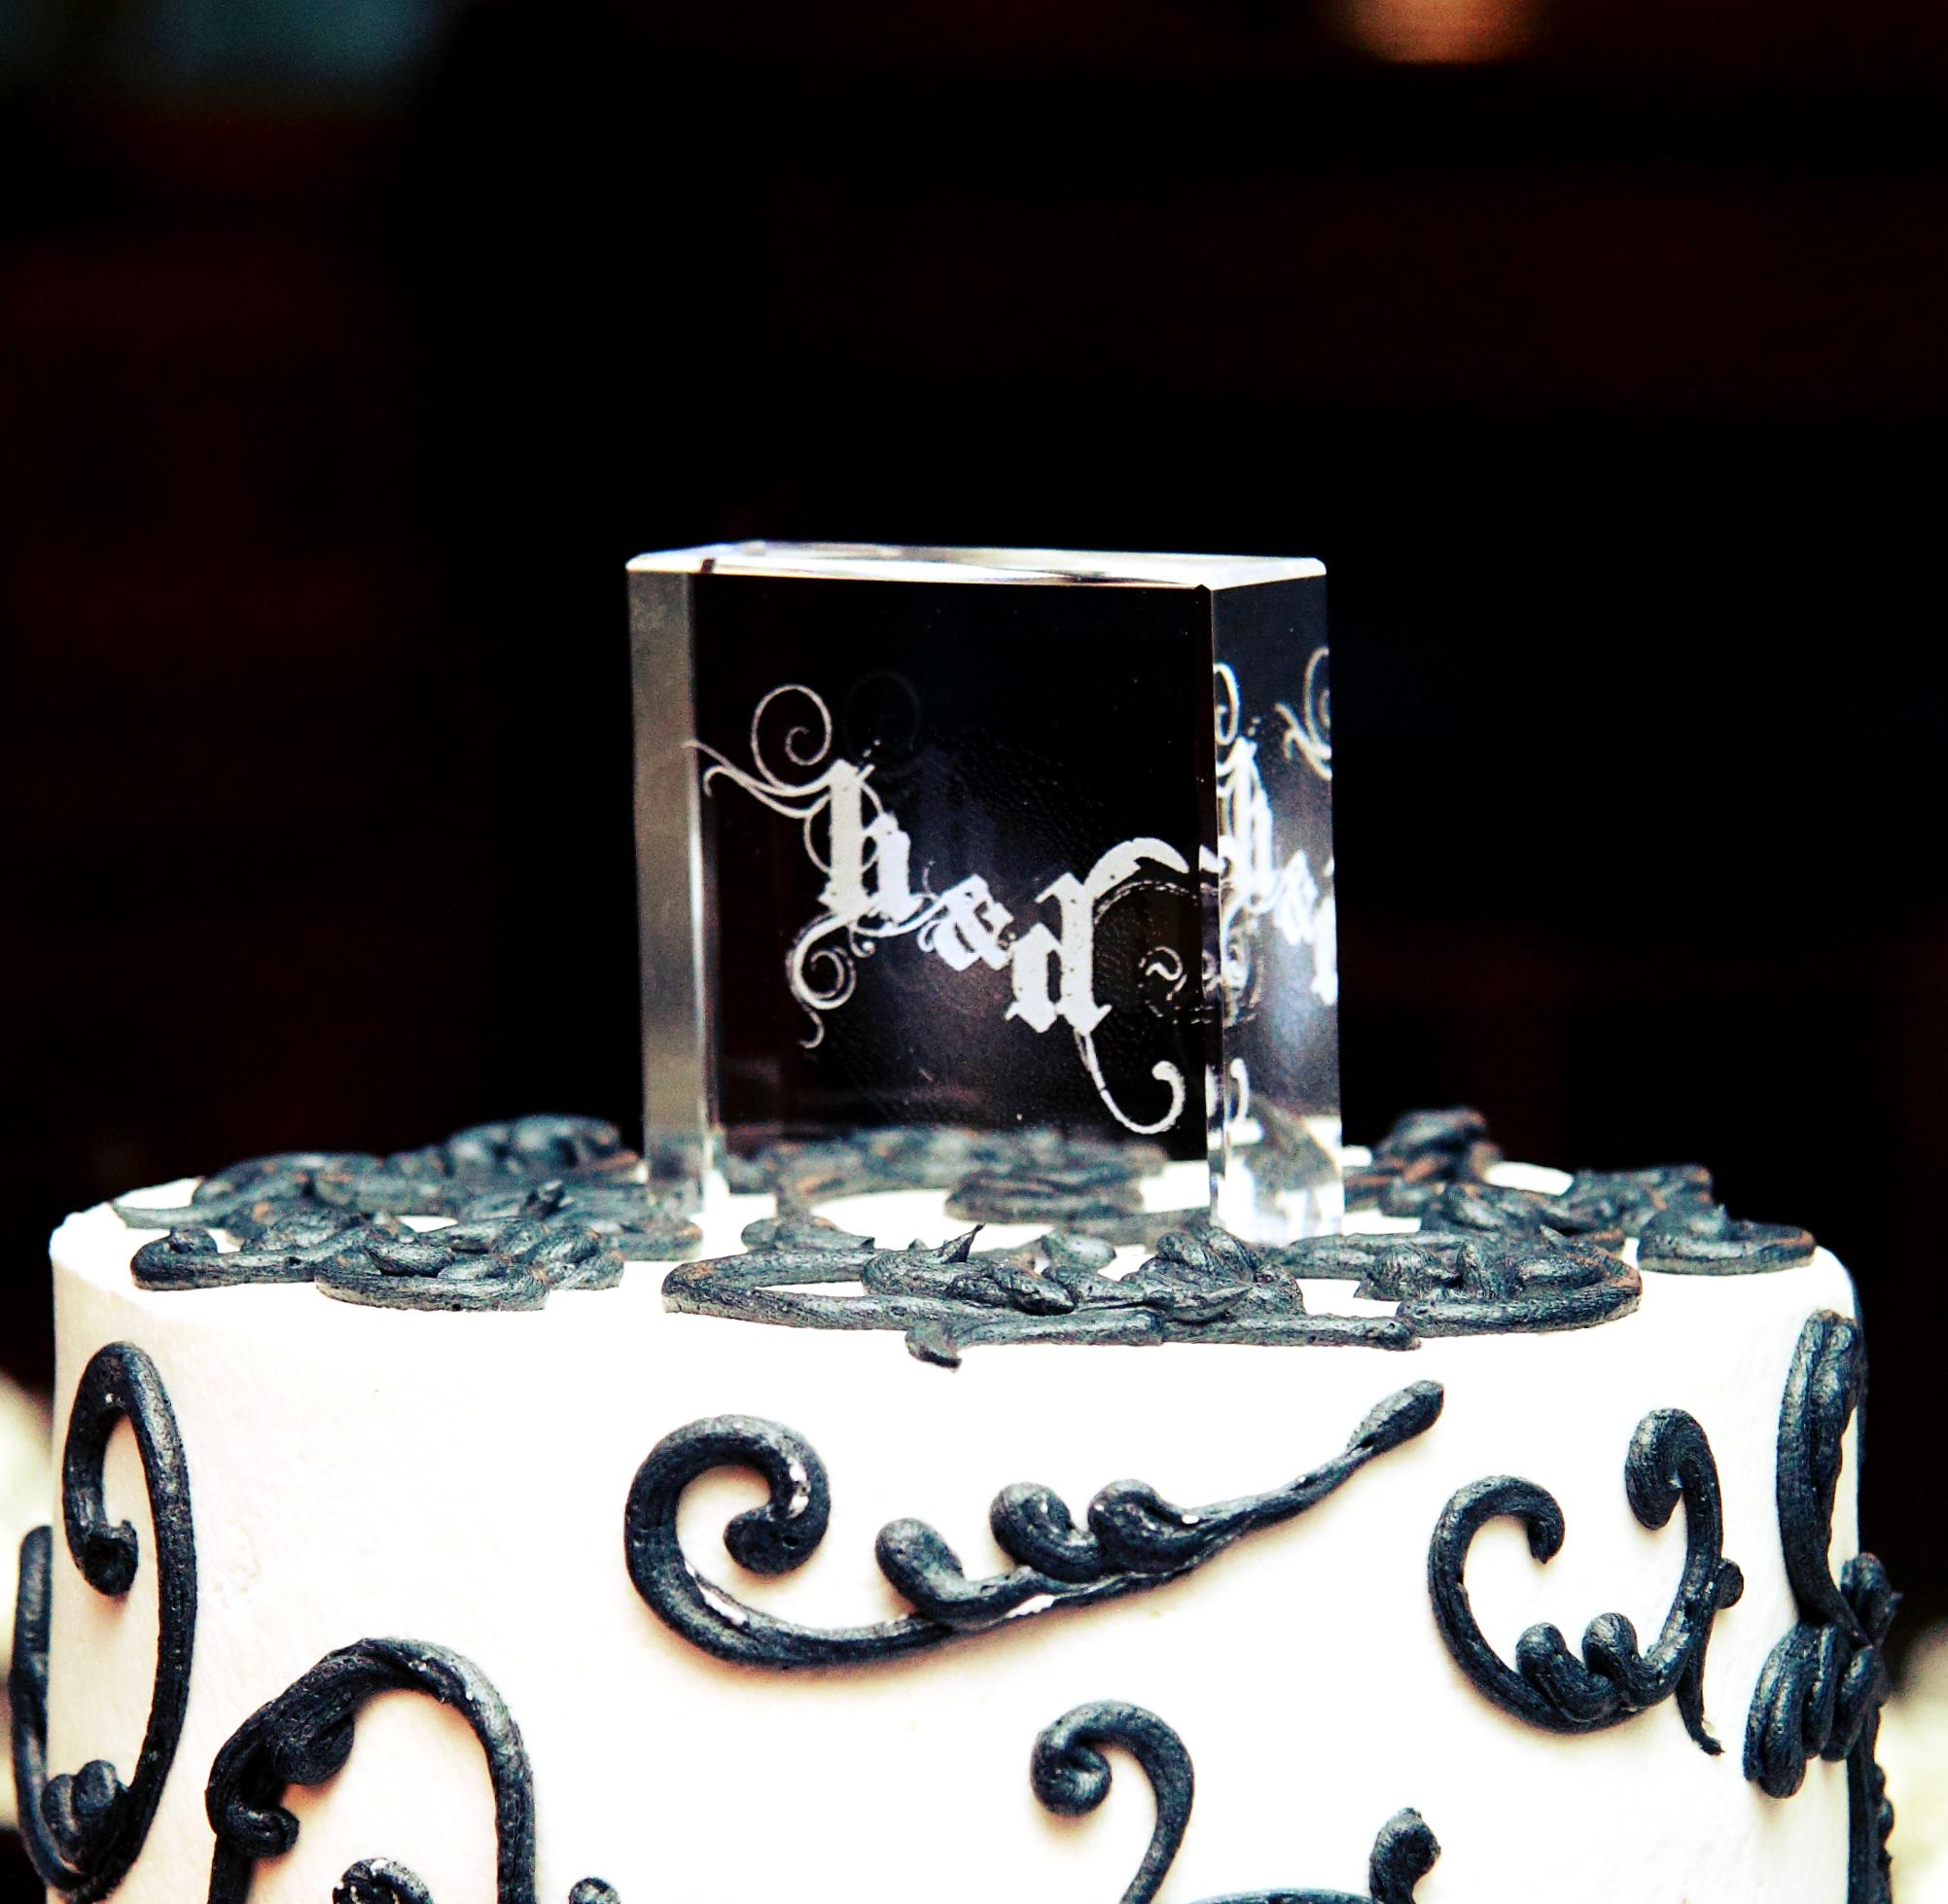 Personalized Illuminated Crystal Wedding Cake Topper